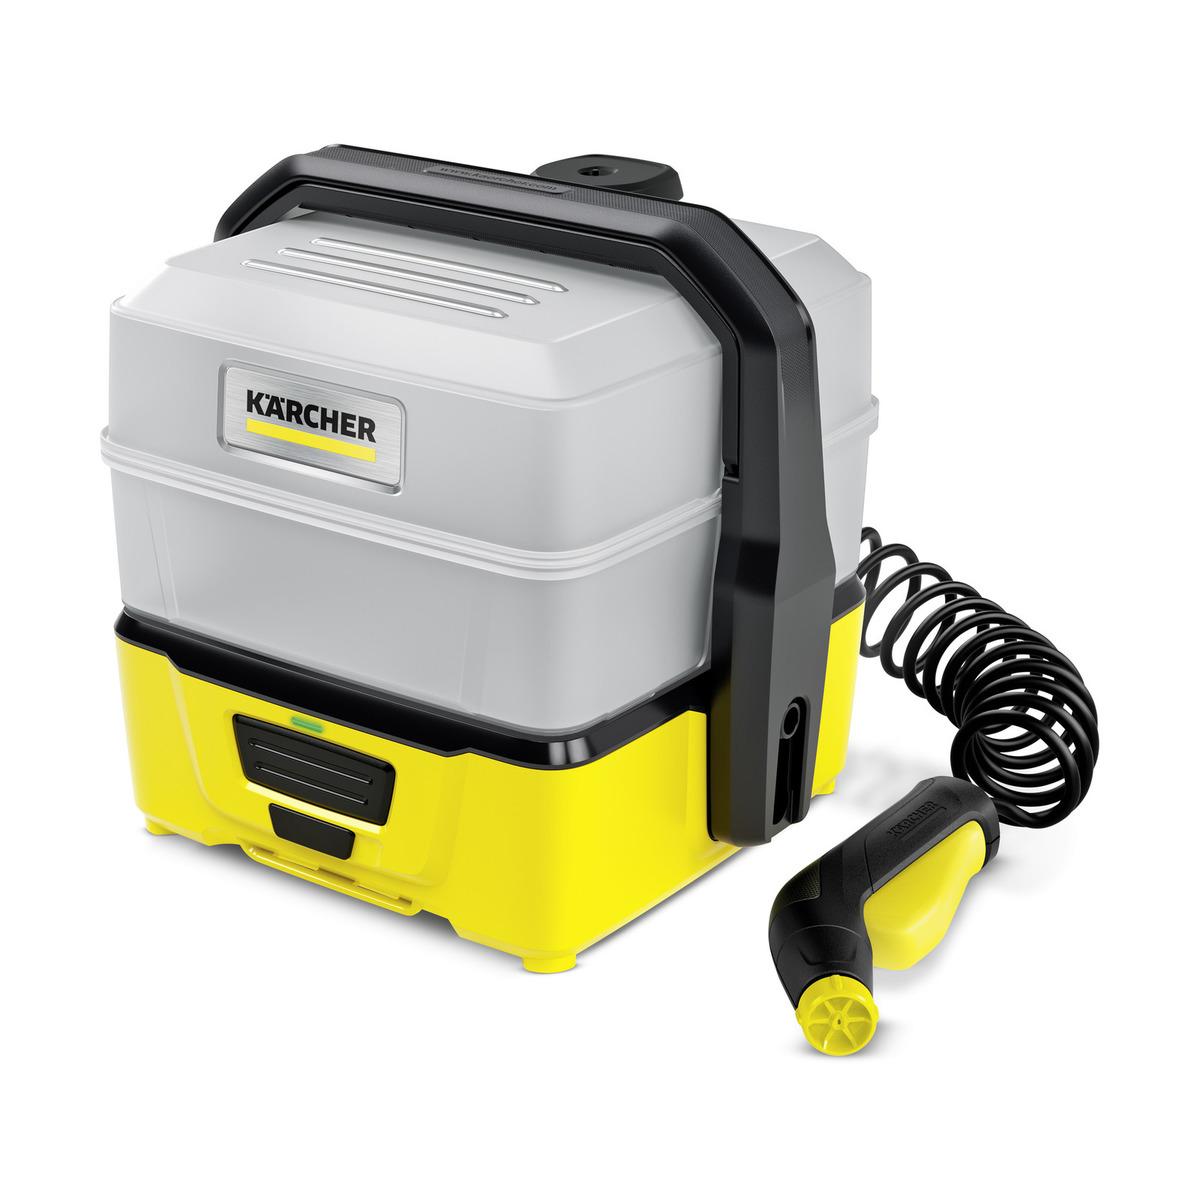 Kacher-mobilni-čistač-Karcher-OC-3-Plus